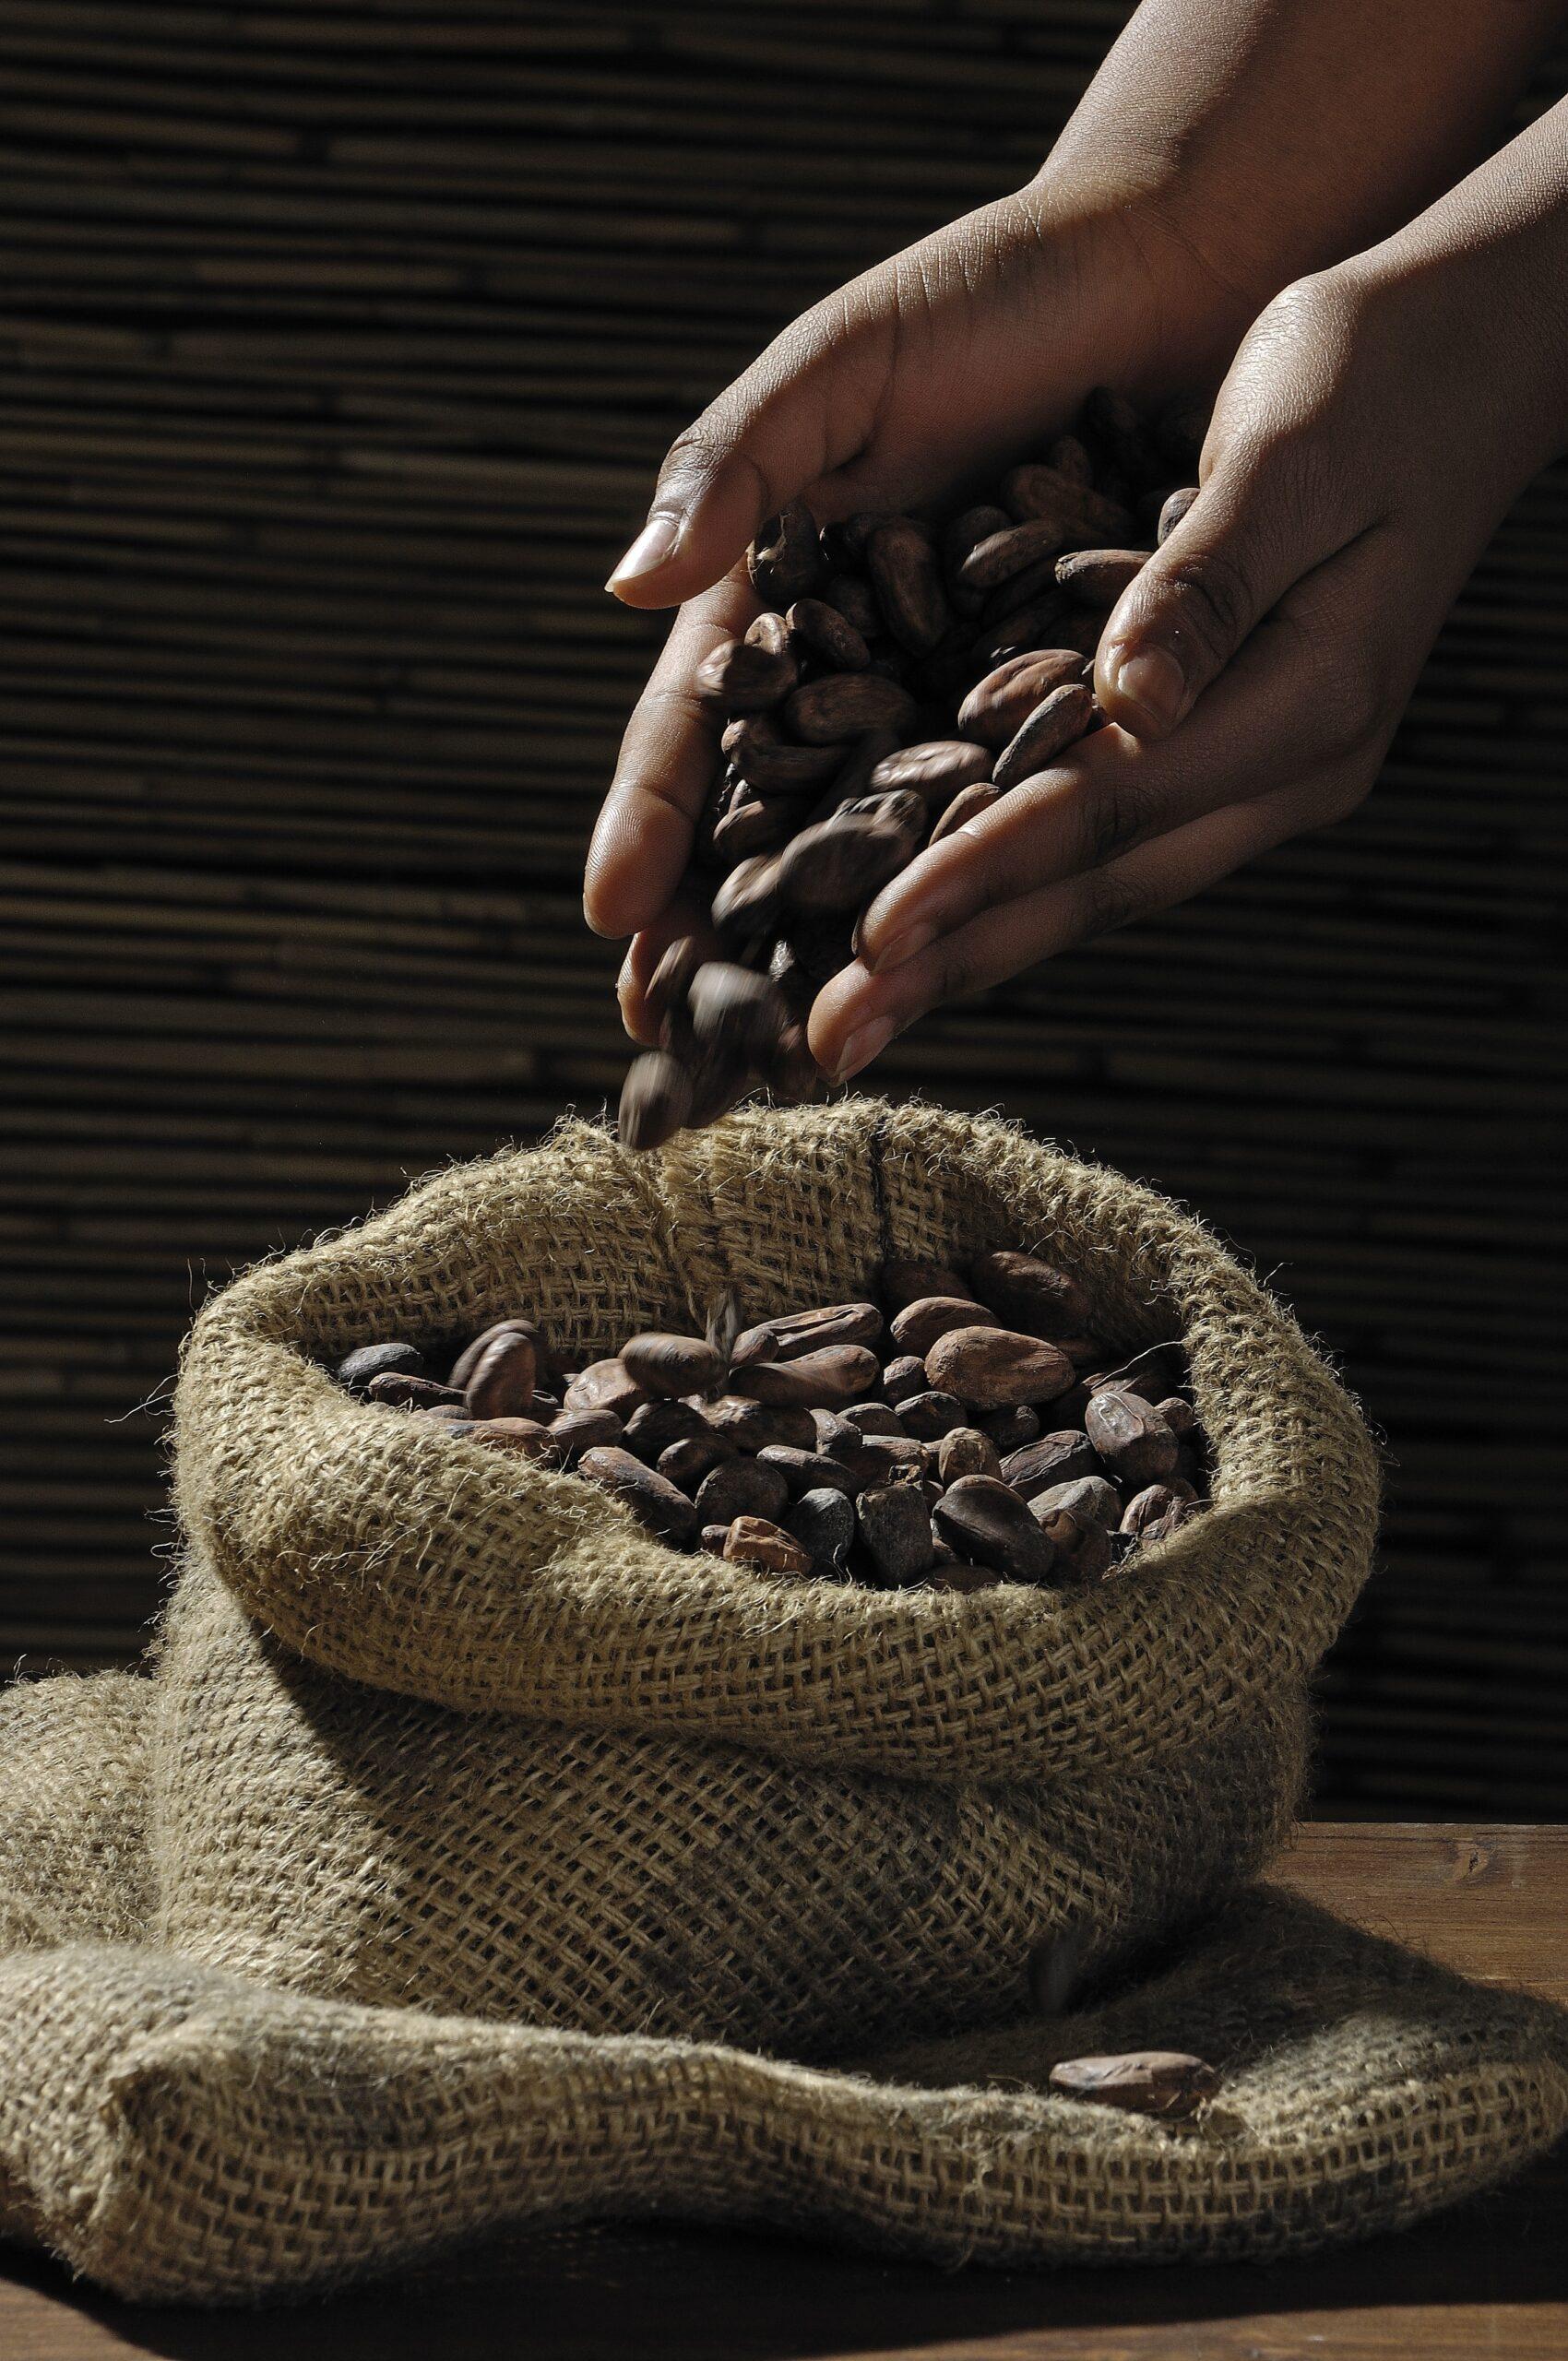 Baklahu-kávé, ahol szeretnéd